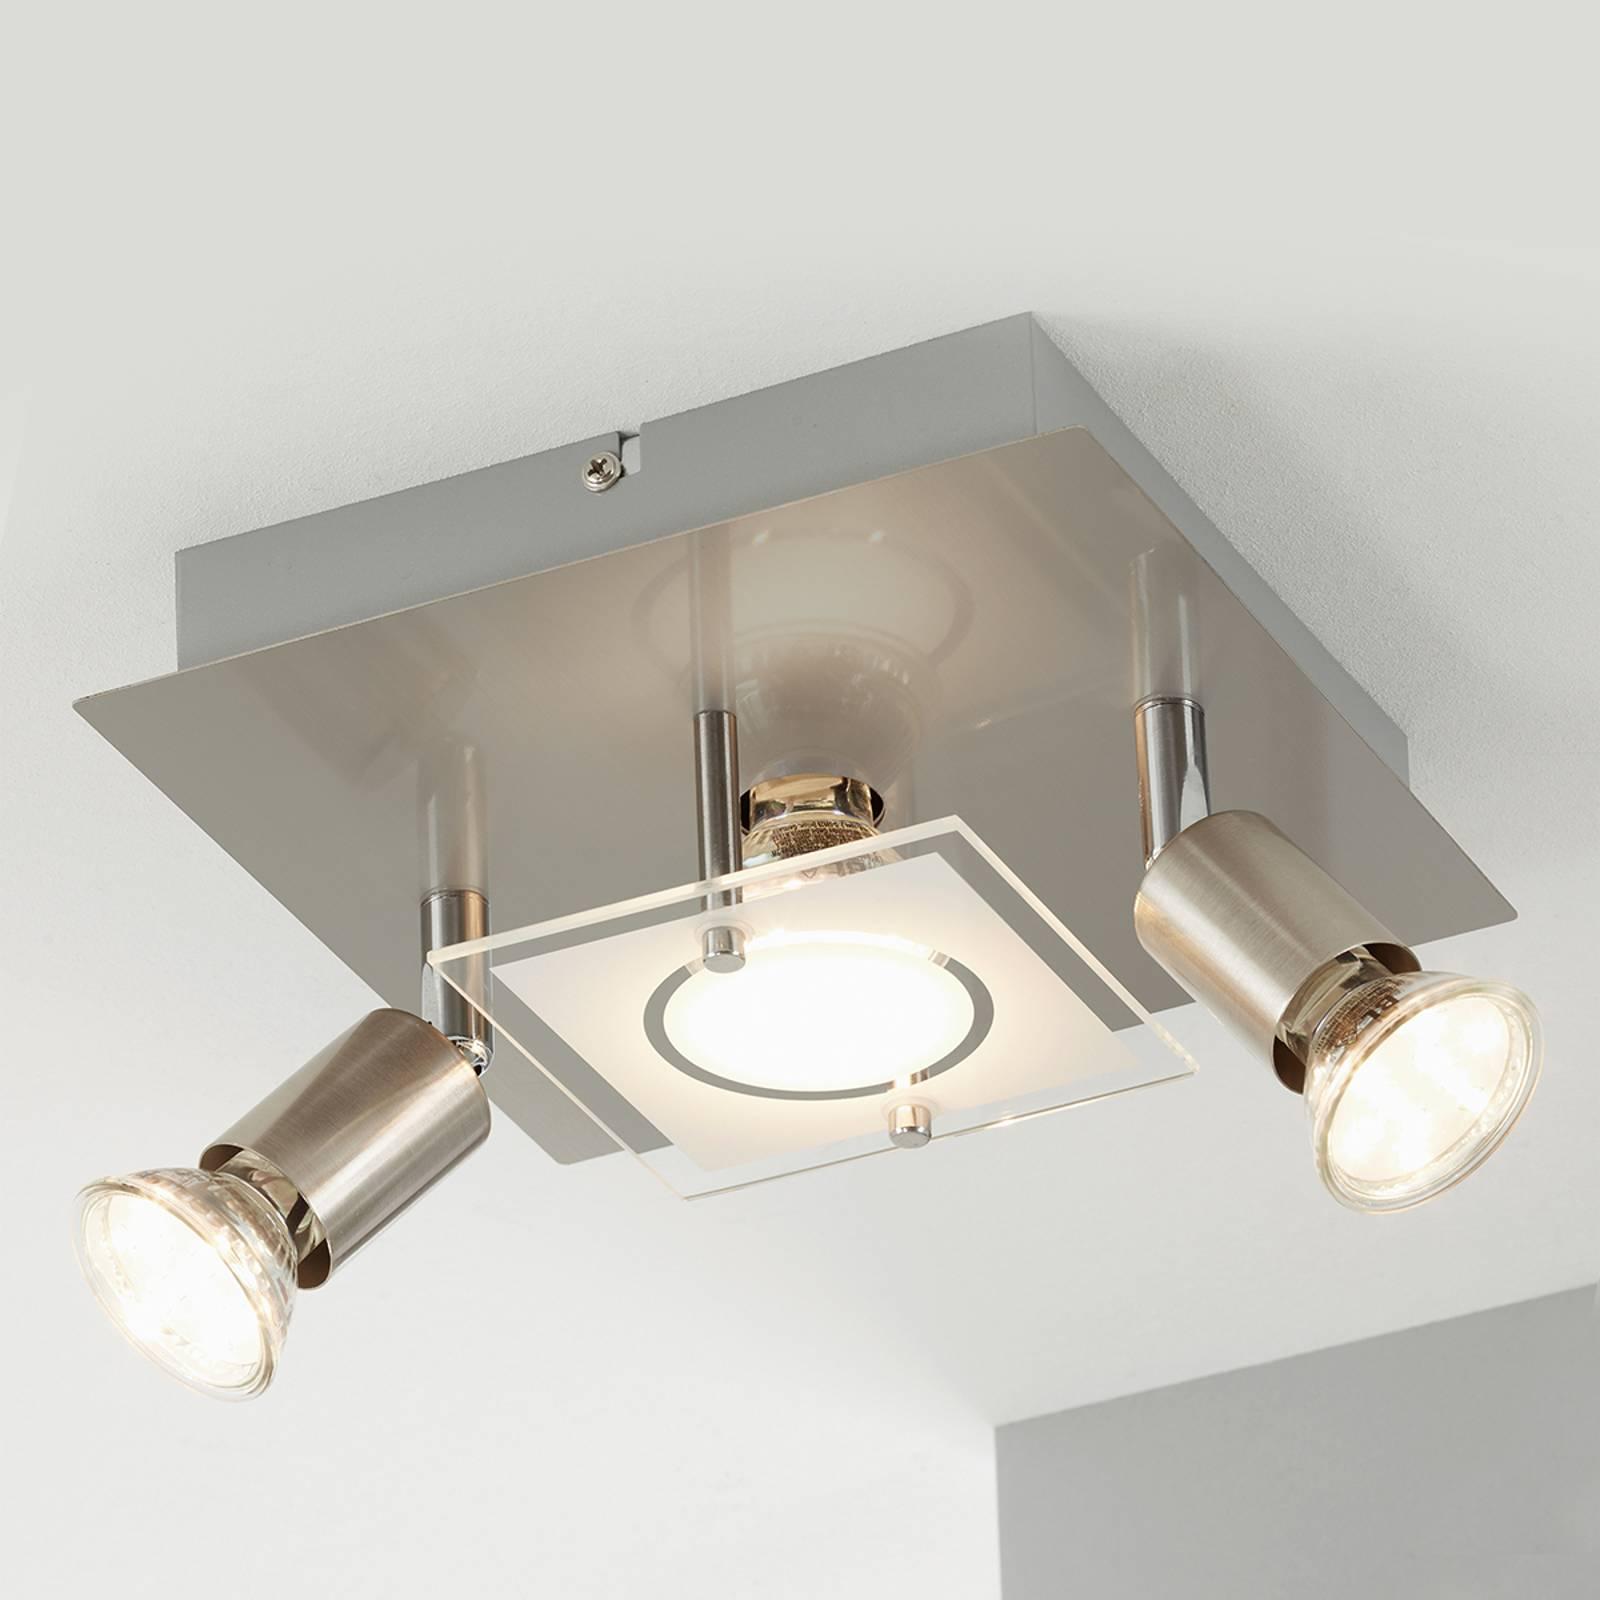 Matta nikkelöity LED-kattovalaisin Start - 3-lamp.